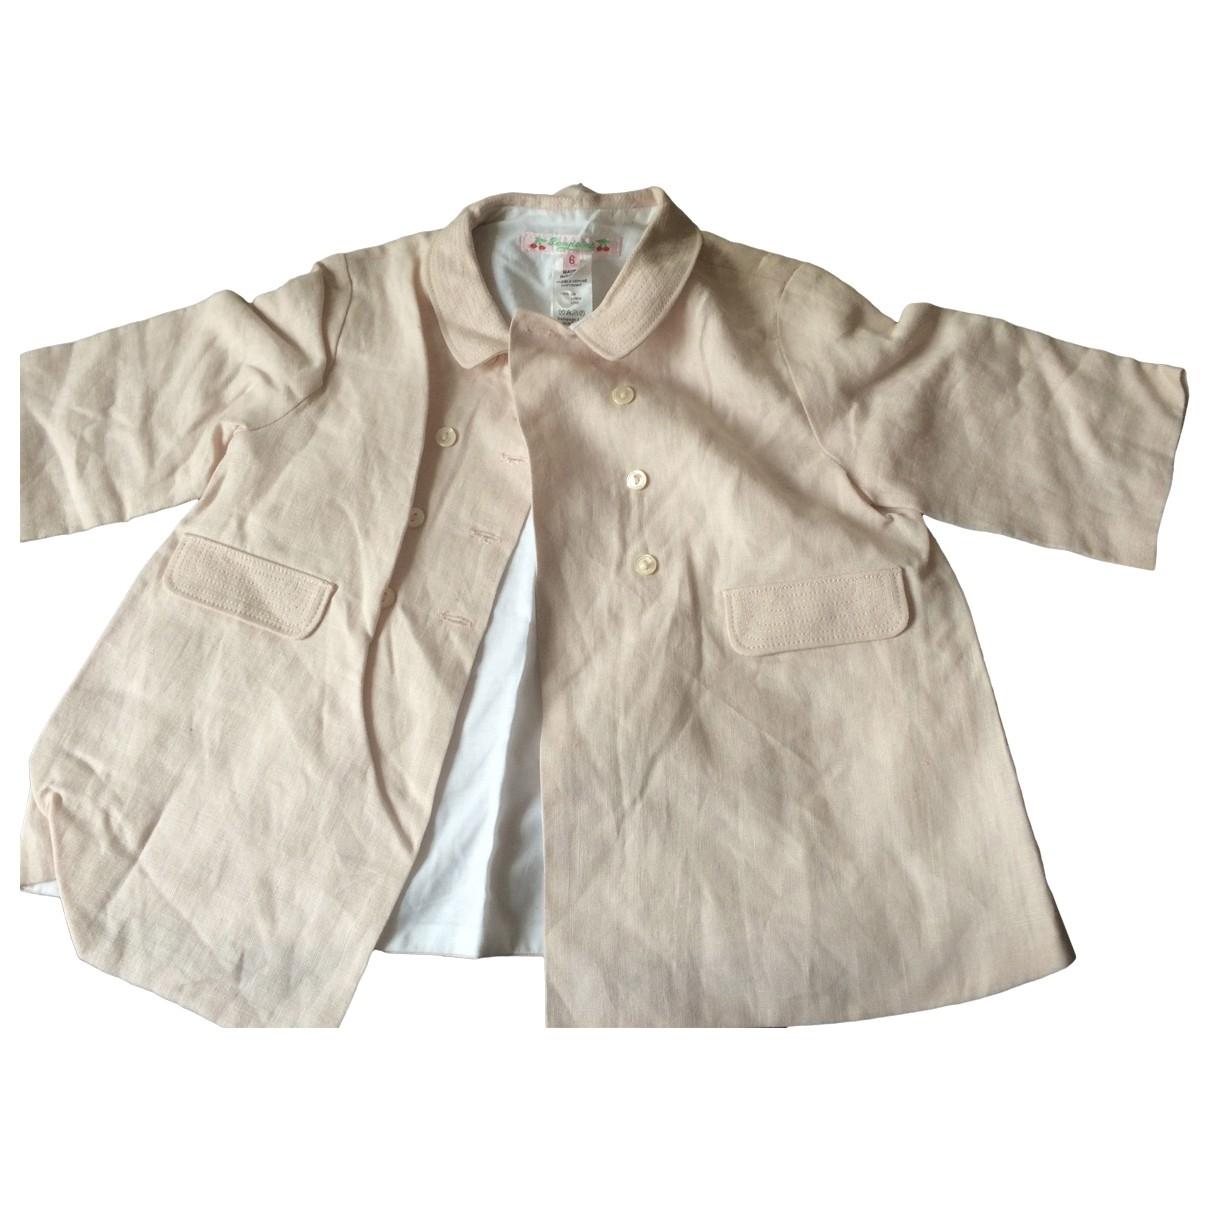 Bonpoint \N Pink Linen jacket & coat for Kids 6 months - up to 67cm FR